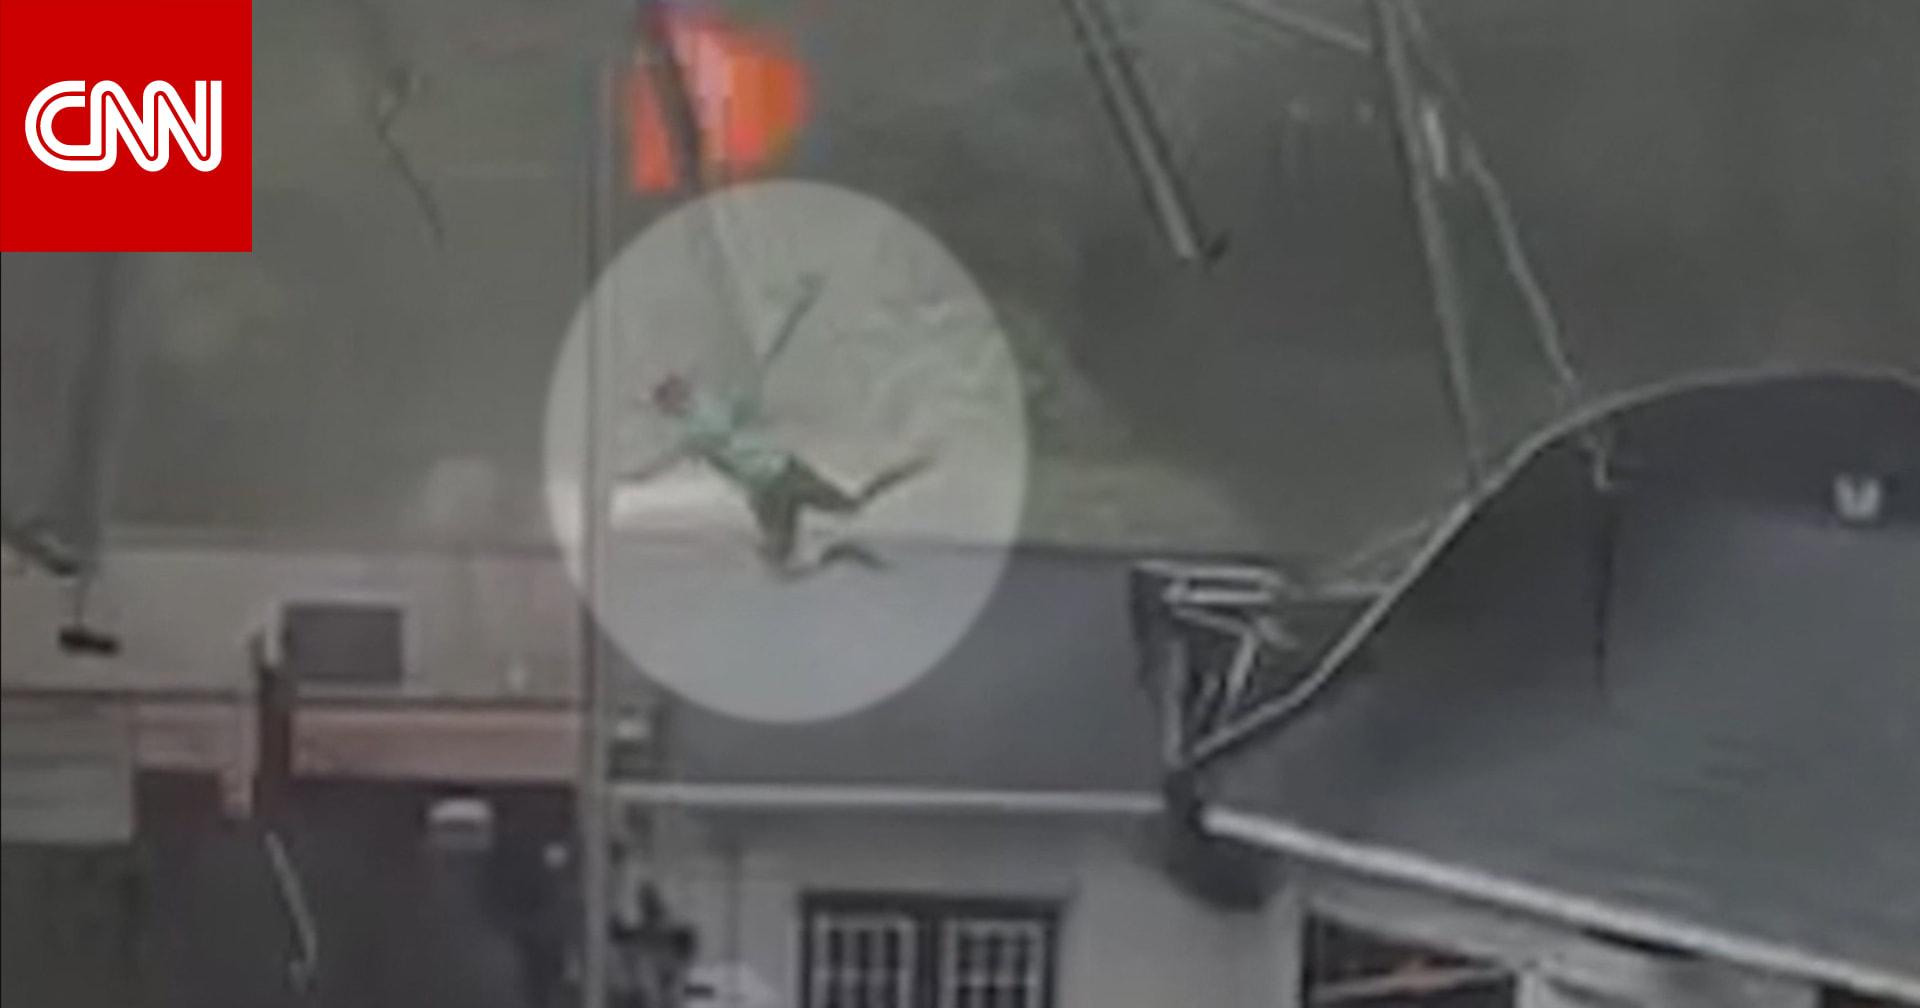 بالفيديو.. رياح عاتية تحمل شخصًا إلى سطح أحد المنازل